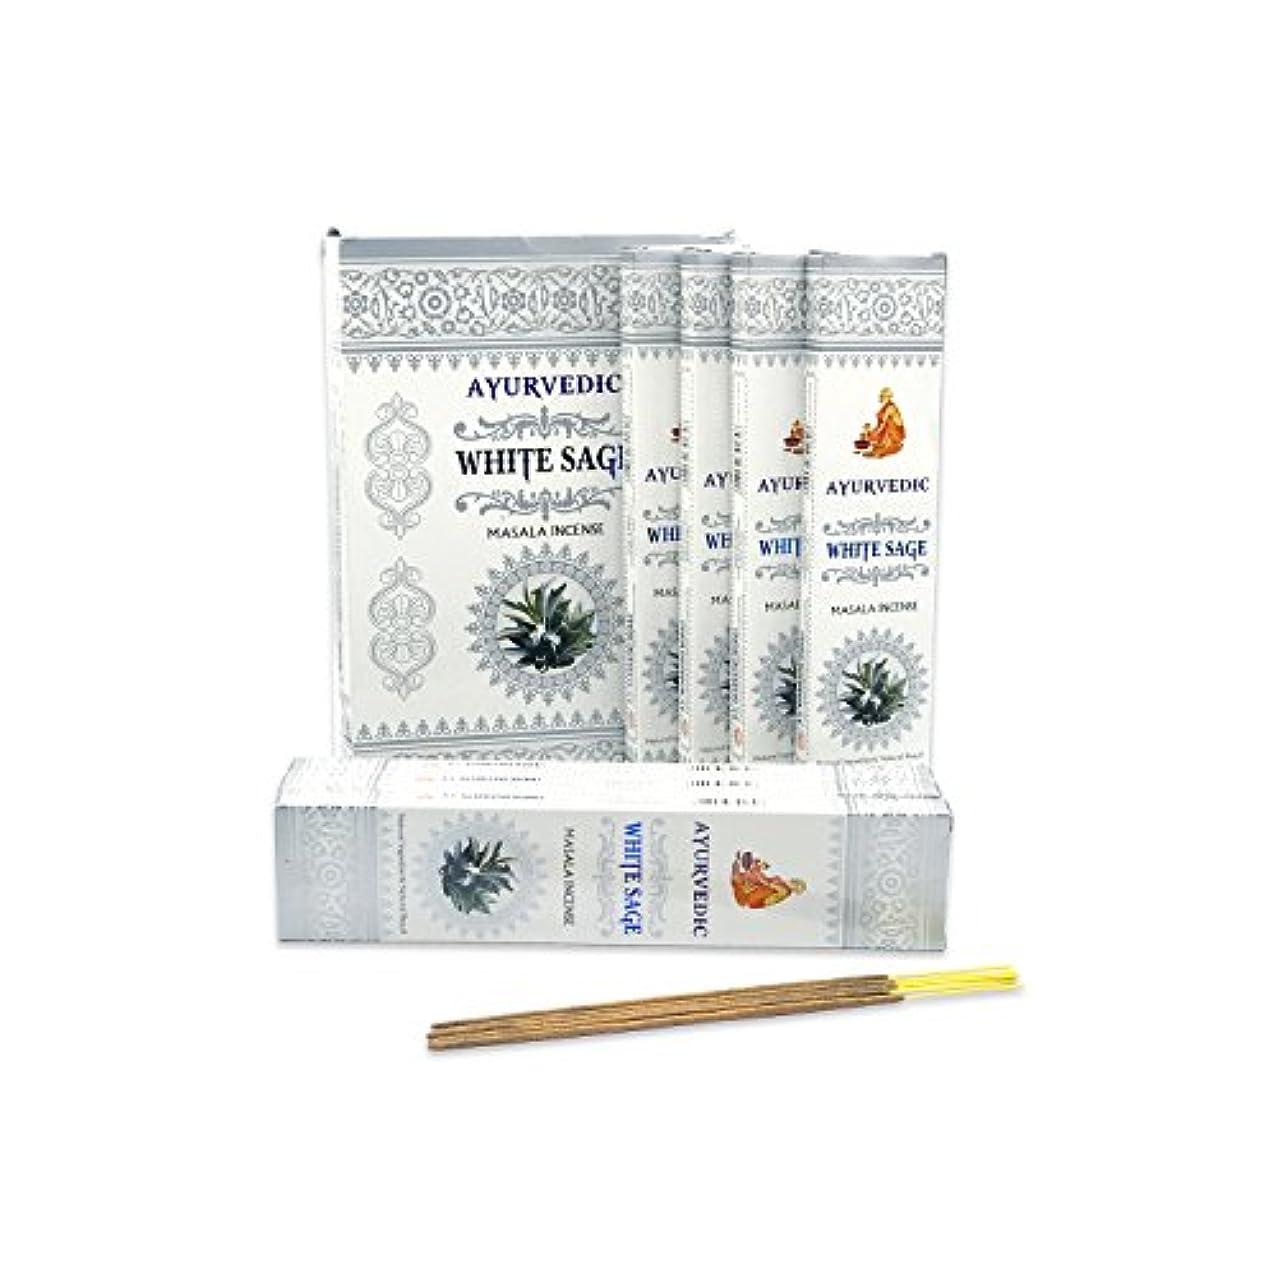 信頼性くつろぐ拍手AyurvedicホワイトセージMasala Incense Sticks Agarbatti (12パックcontaining 15 sticks各)